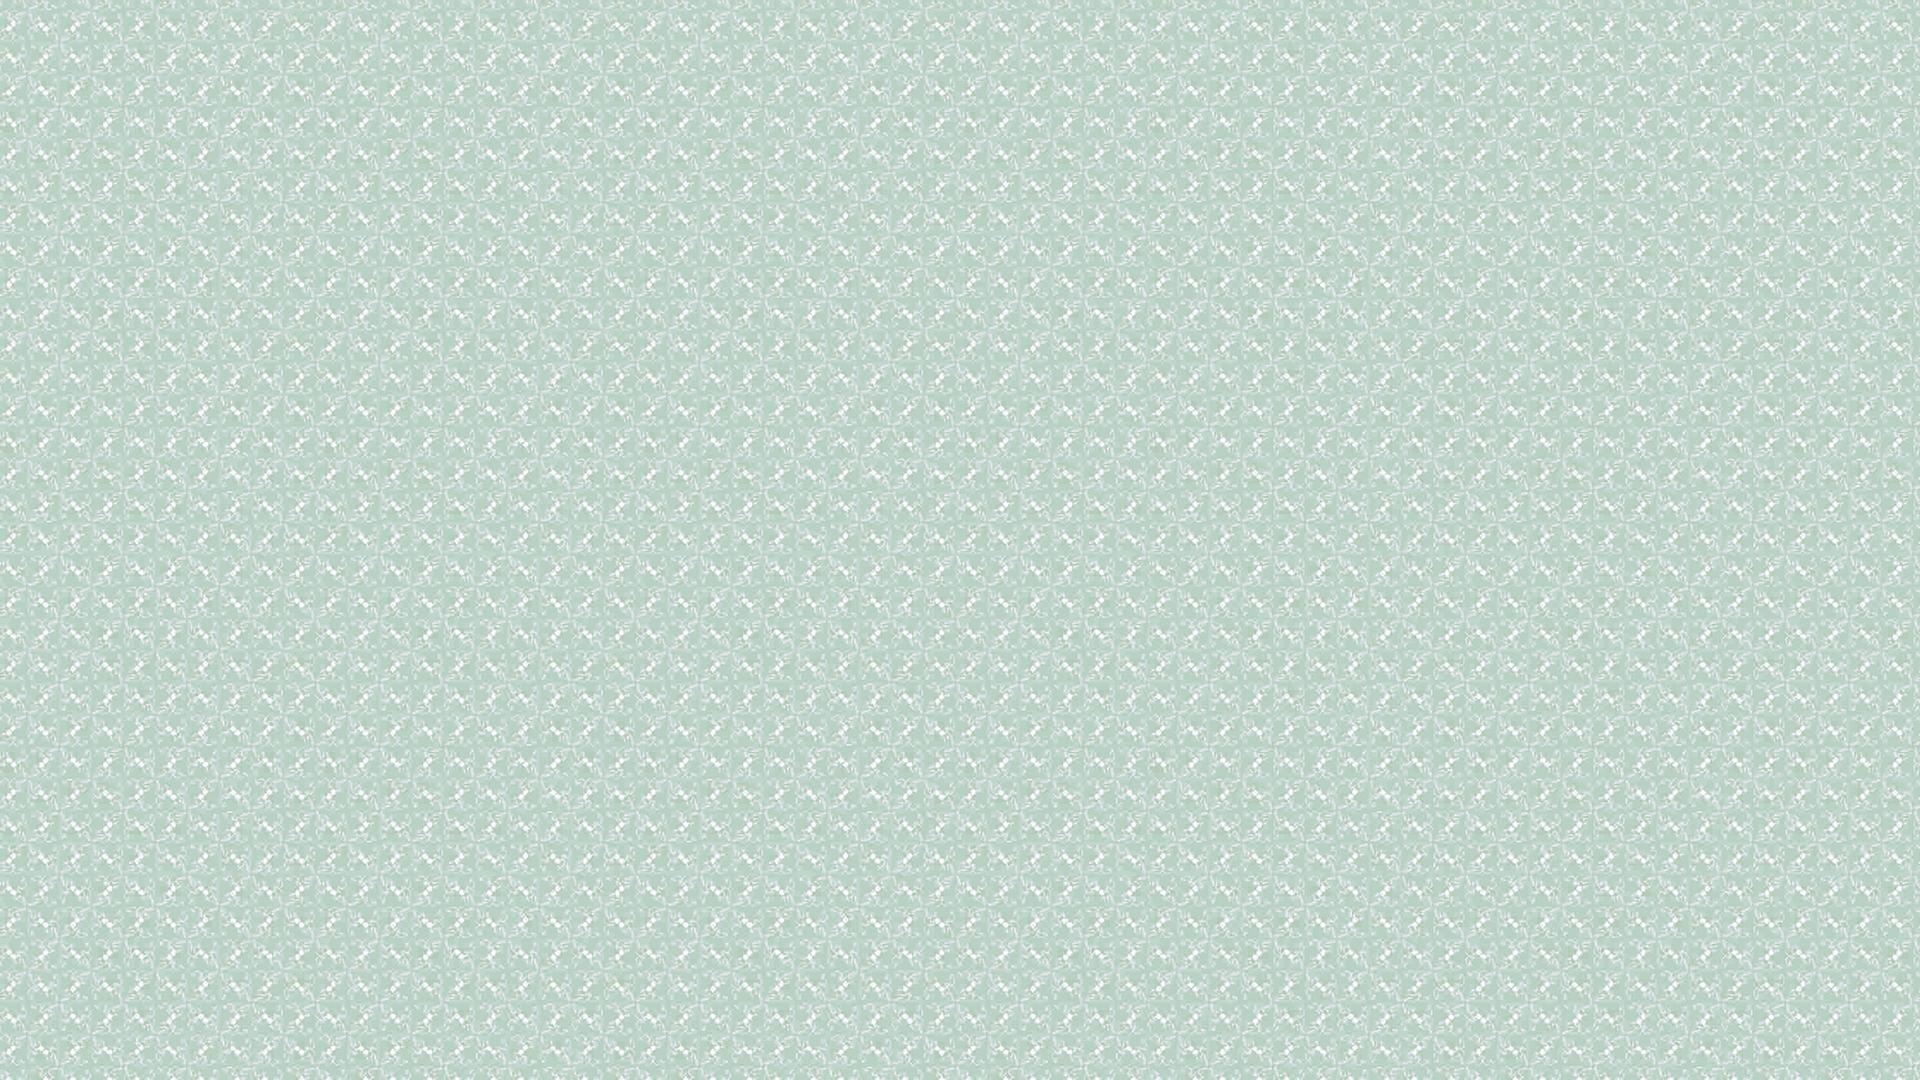 唐草模様のバーチャル背景です